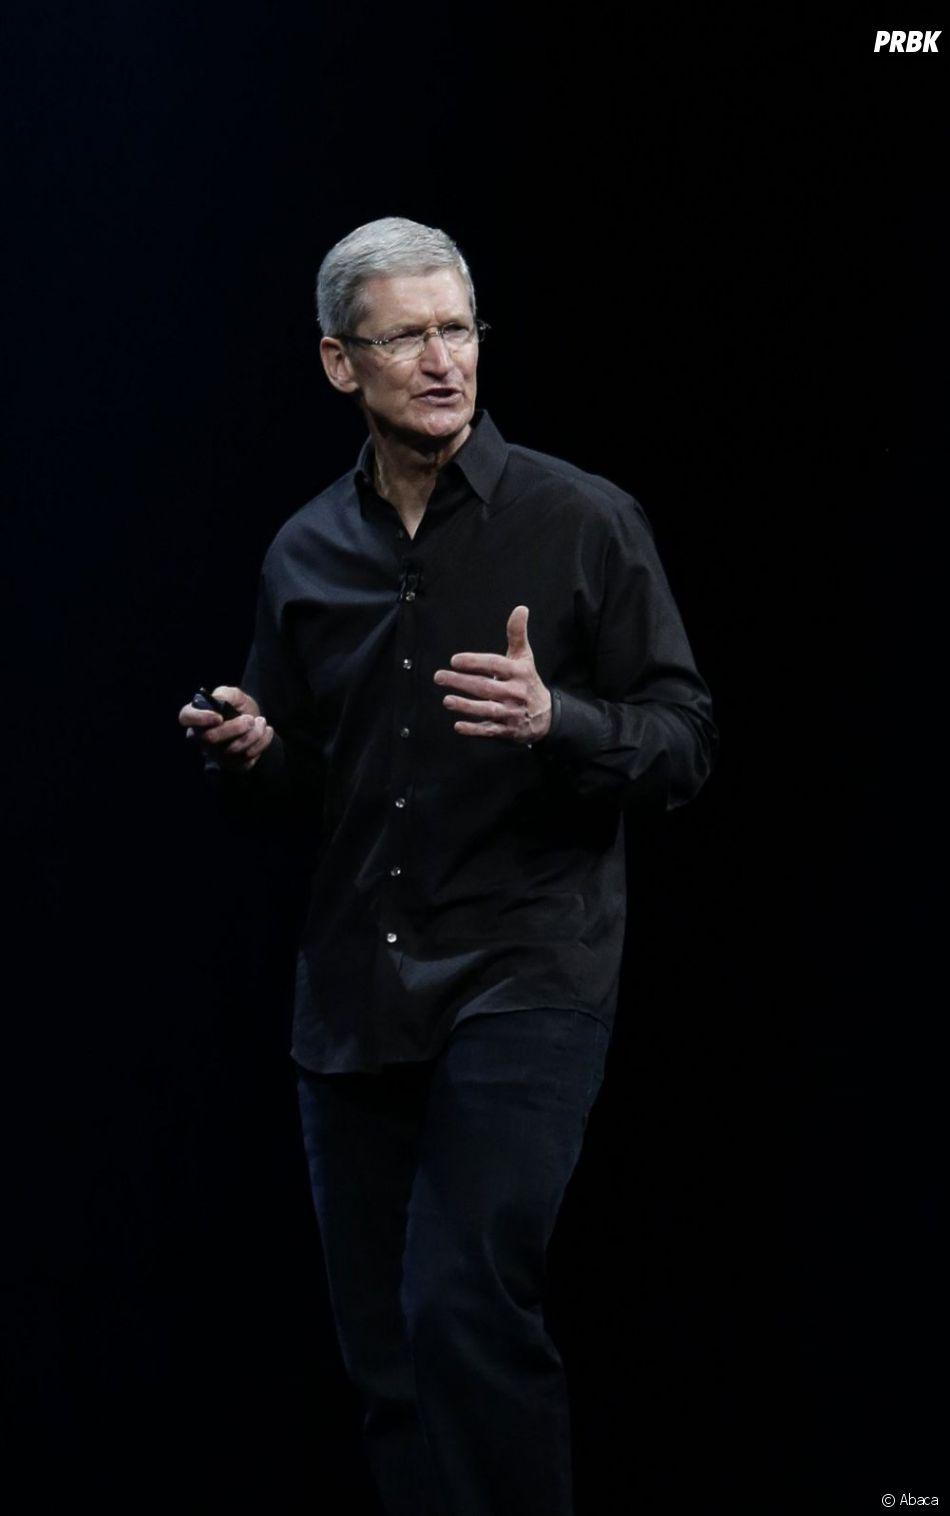 Tim Cook, le PDG d'Apple, a présenté la keynote d'Apple de juin 2013